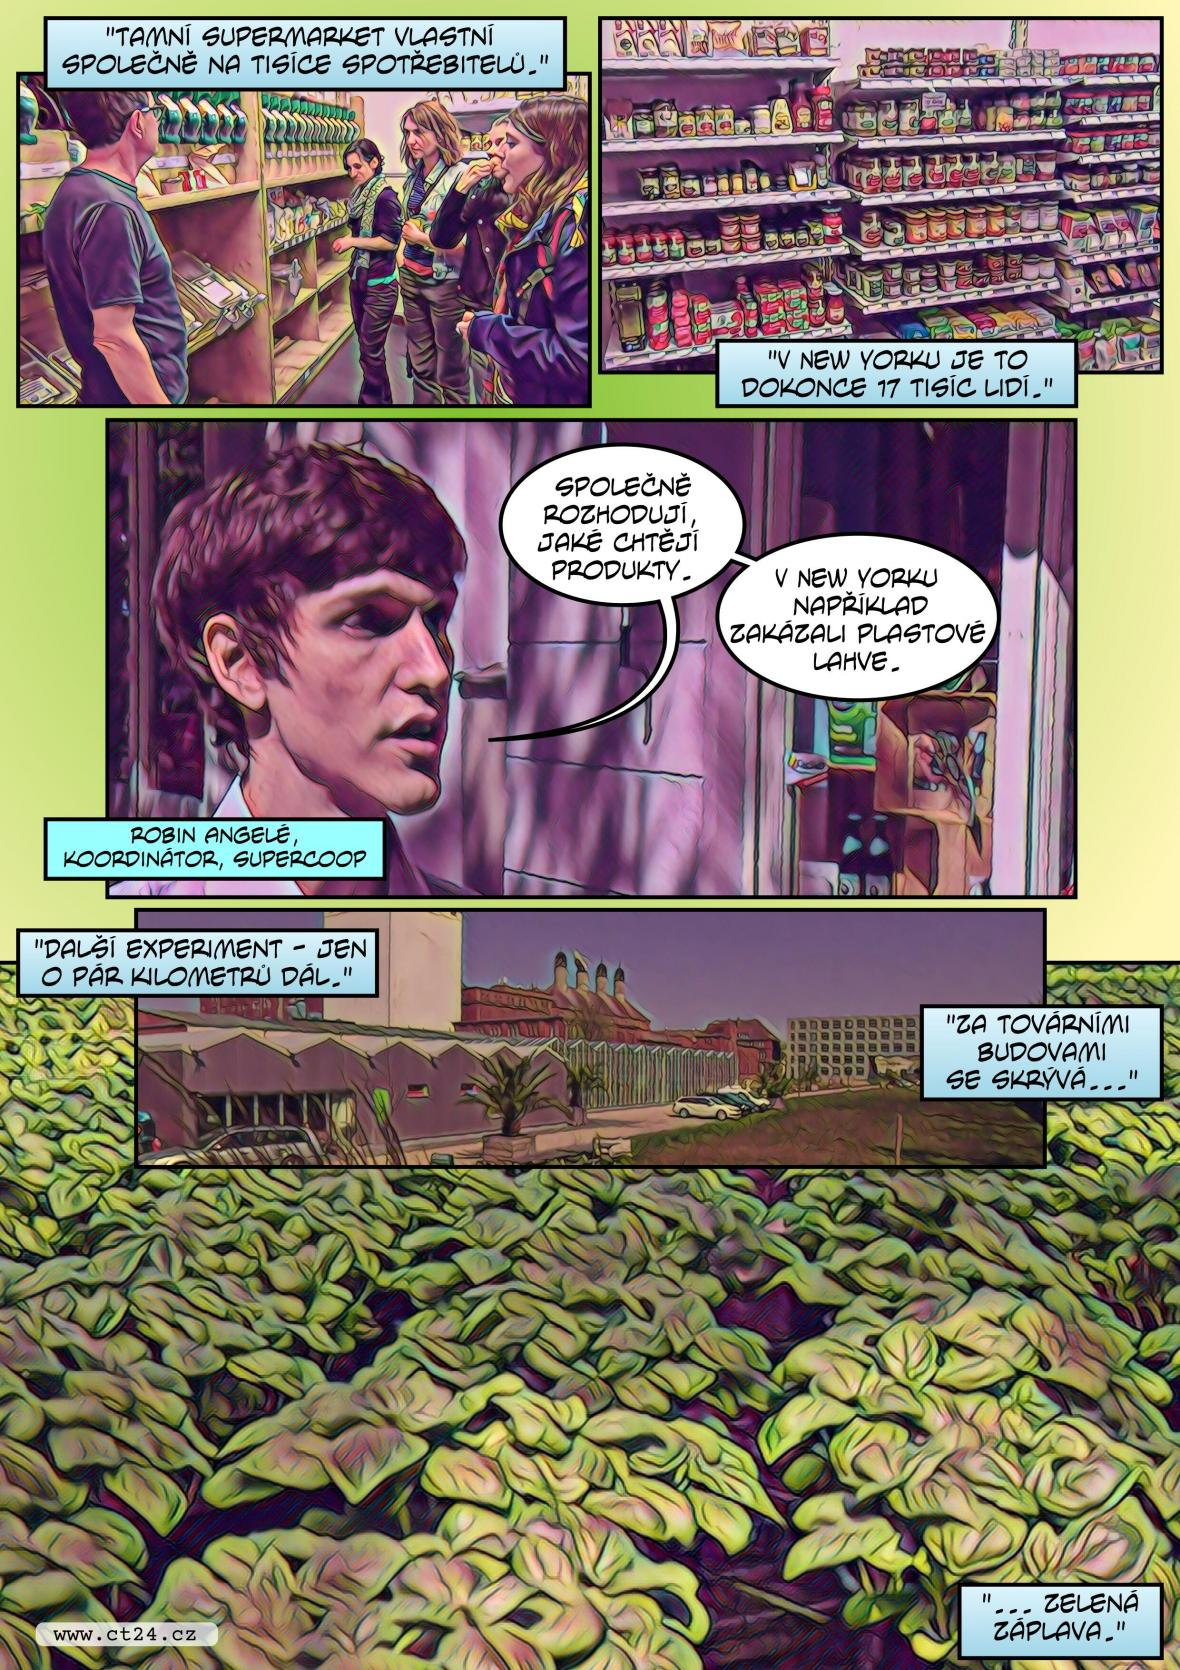 Komiks: Obchod ve vlastnictví zákazníků